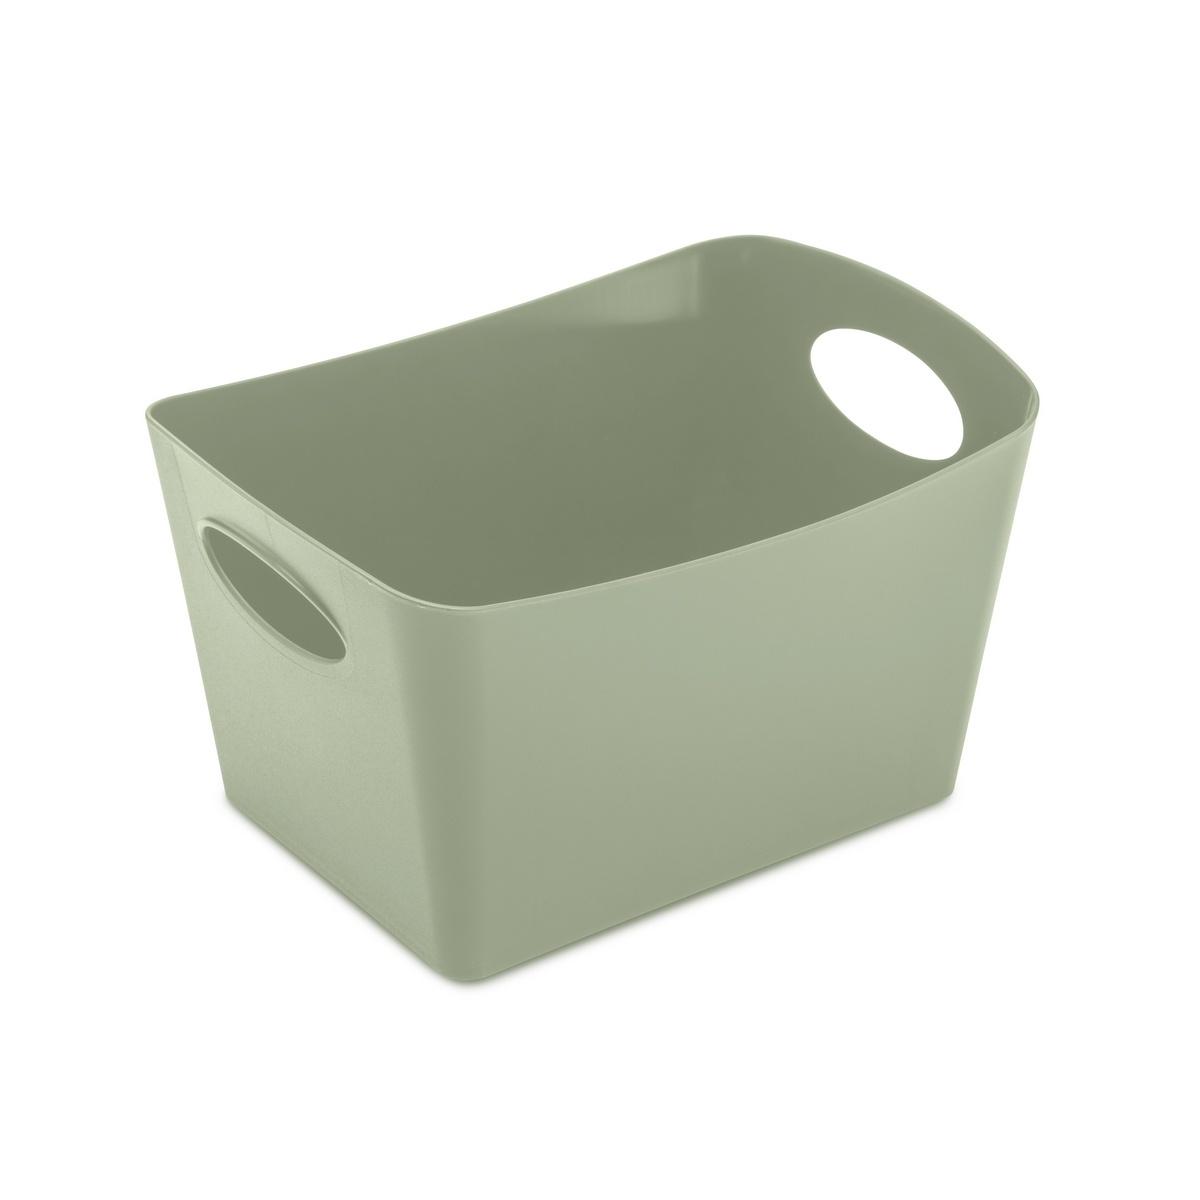 Koziol Pojemnik do przechowywania Boxxx zielony, 1 l